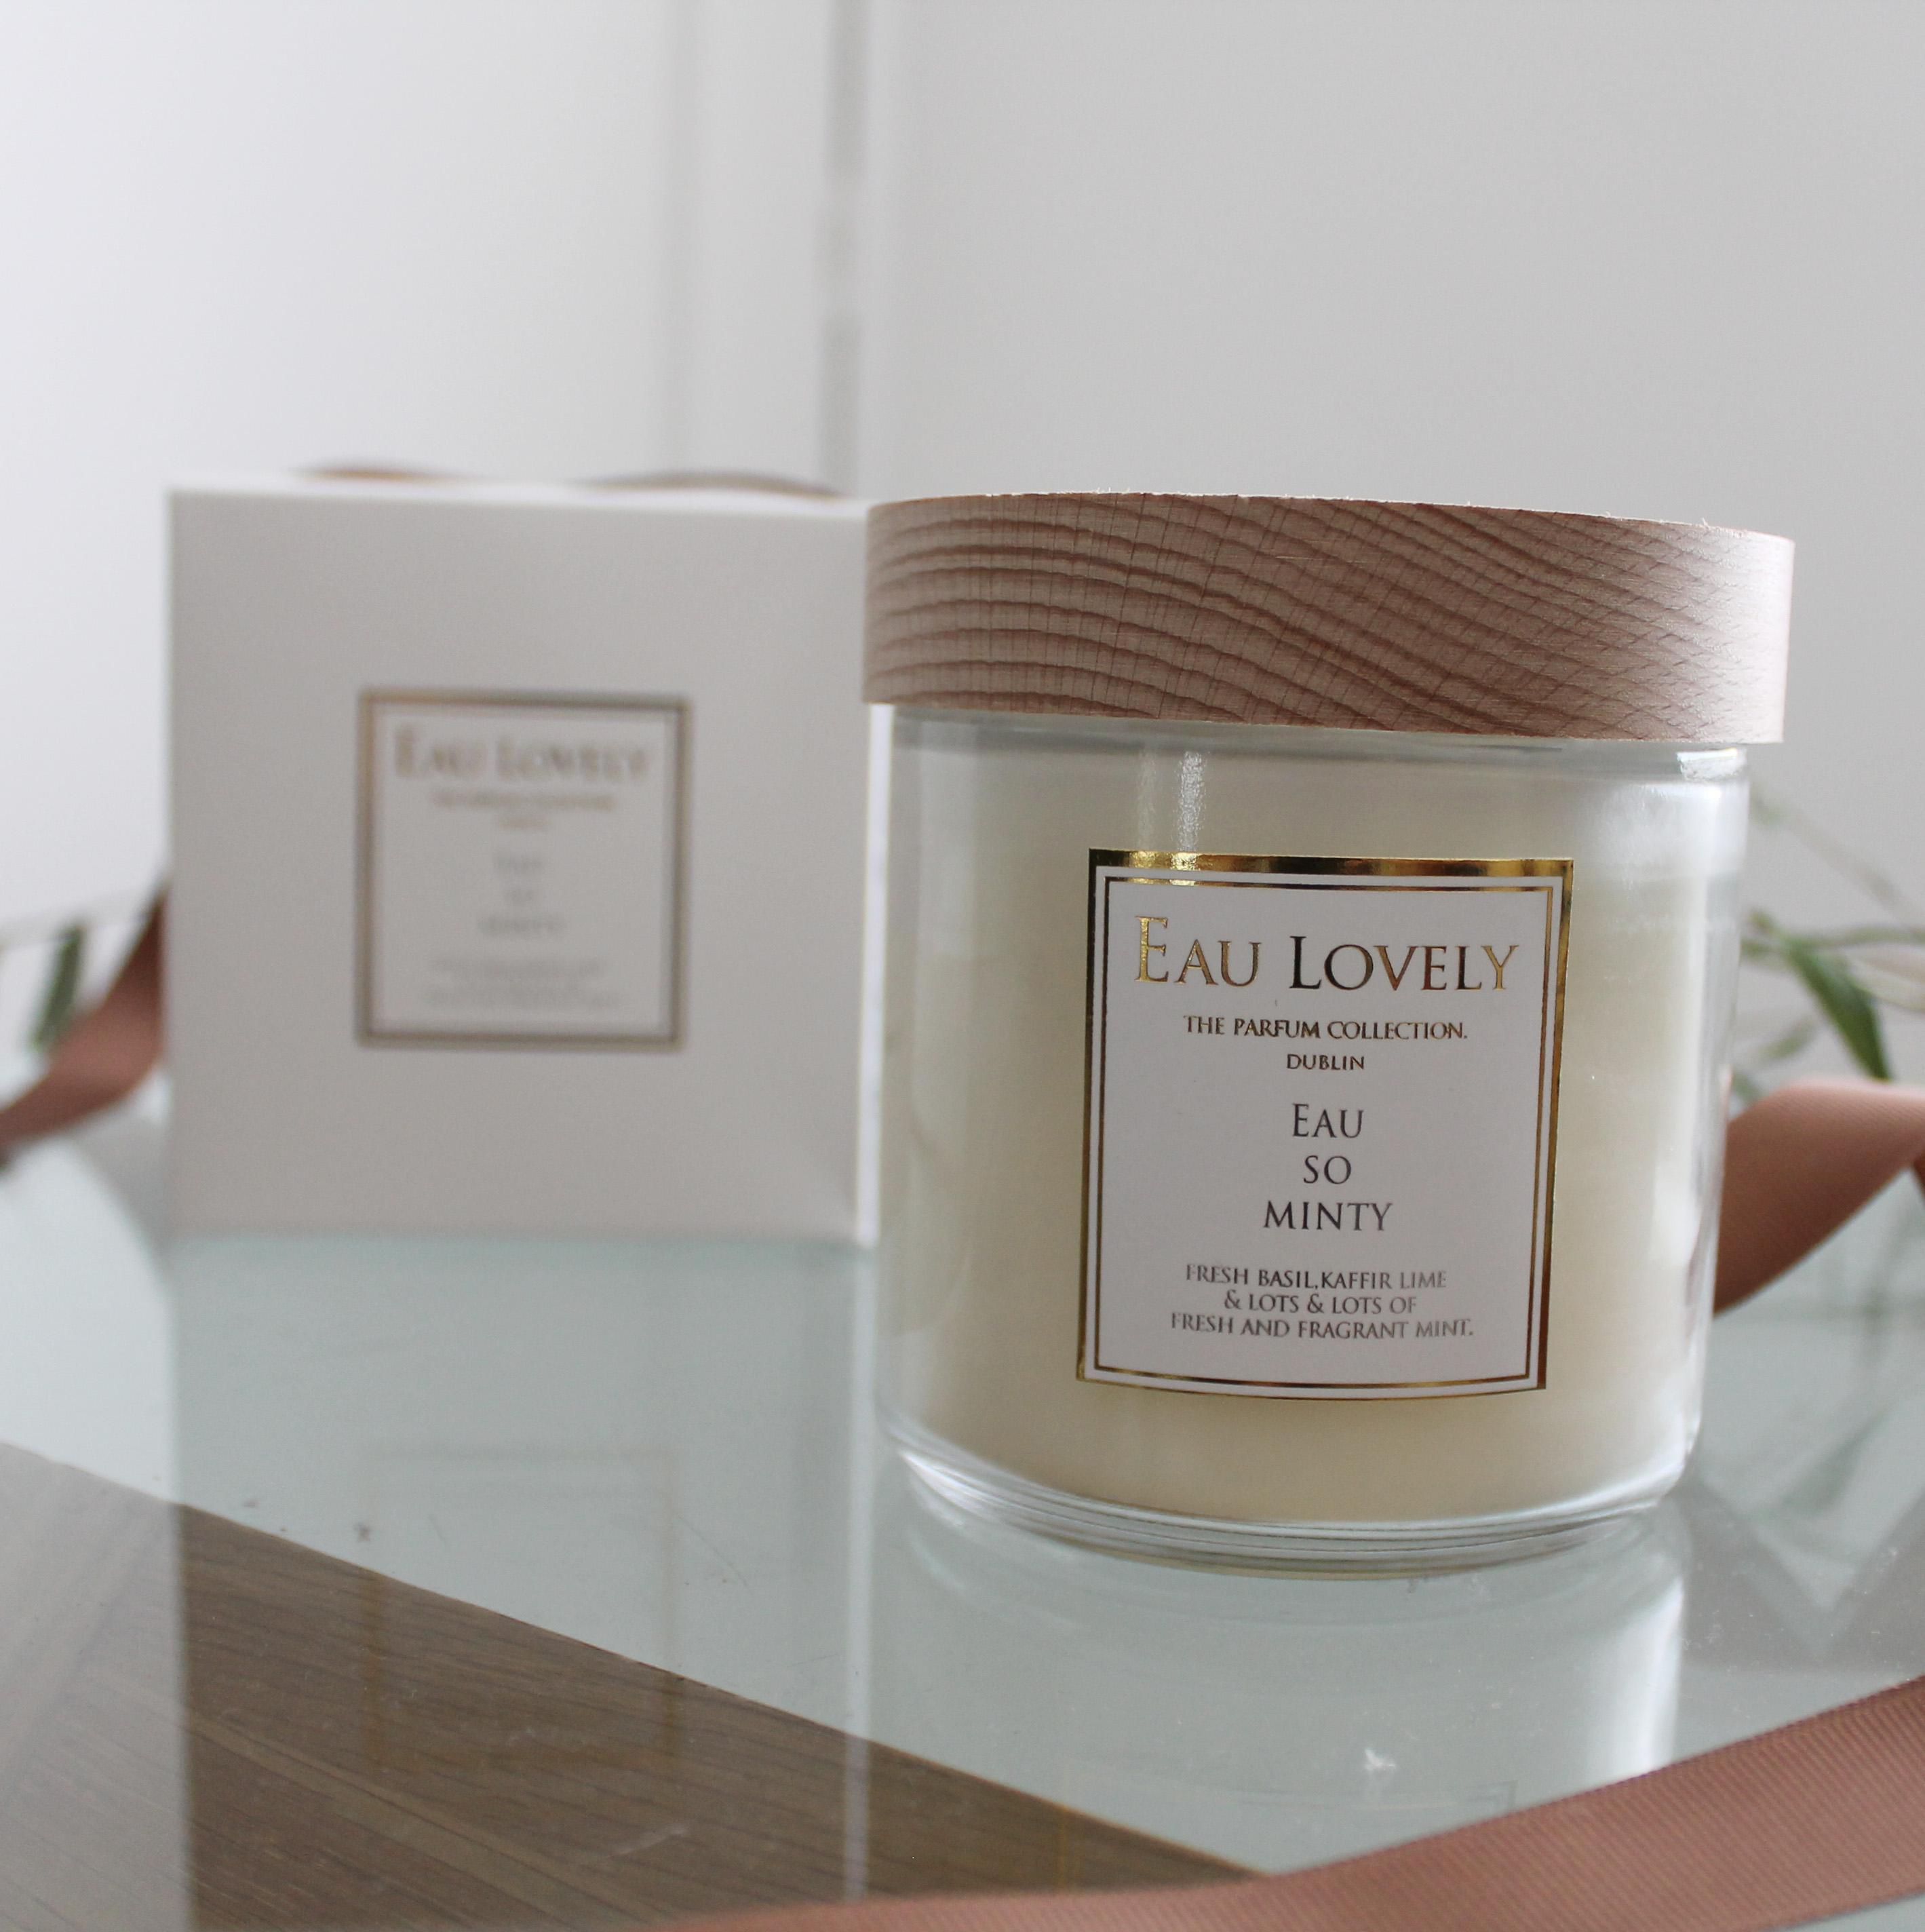 eau so minty jar - Eau Lovely - Rachel McCann